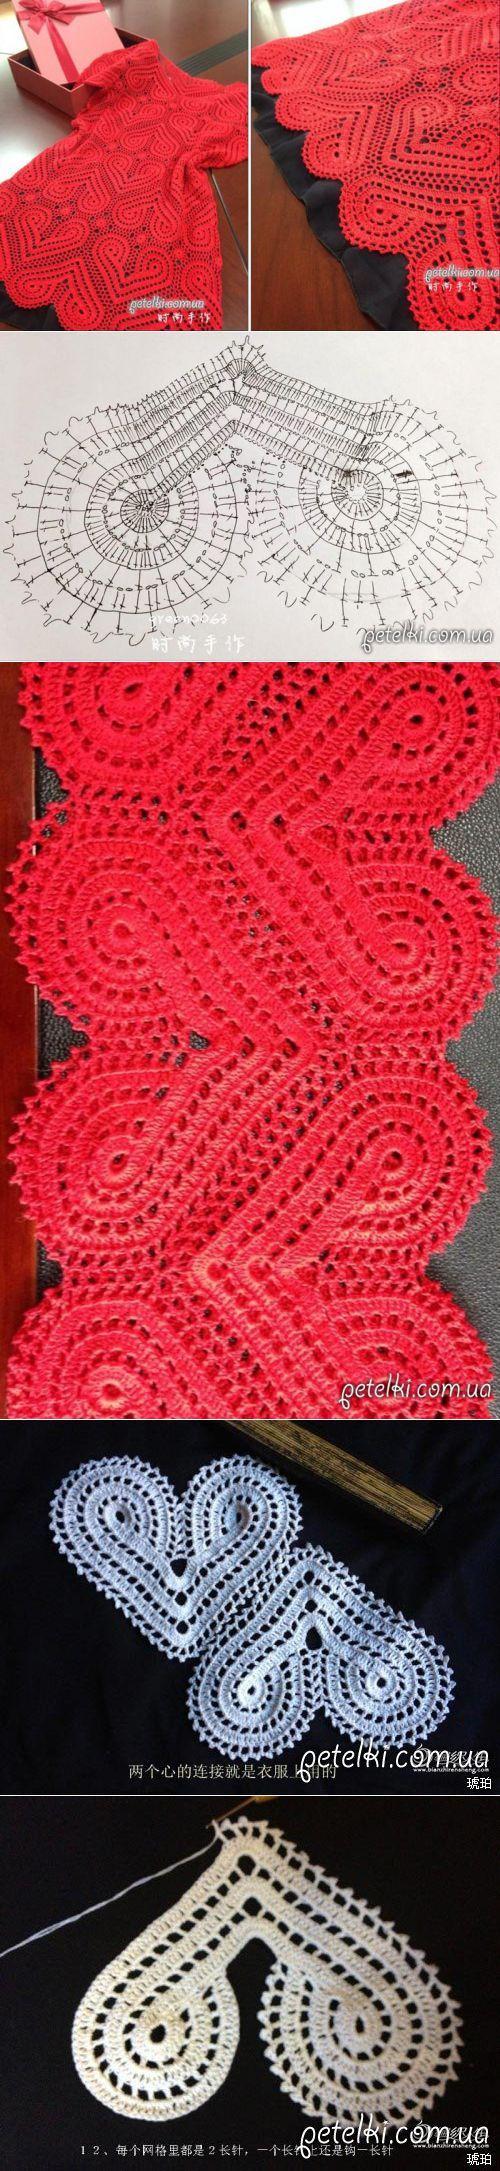 Вяжем крючком. Красное сердечное платье. Схемы, МК | VEAZANIE | Постила